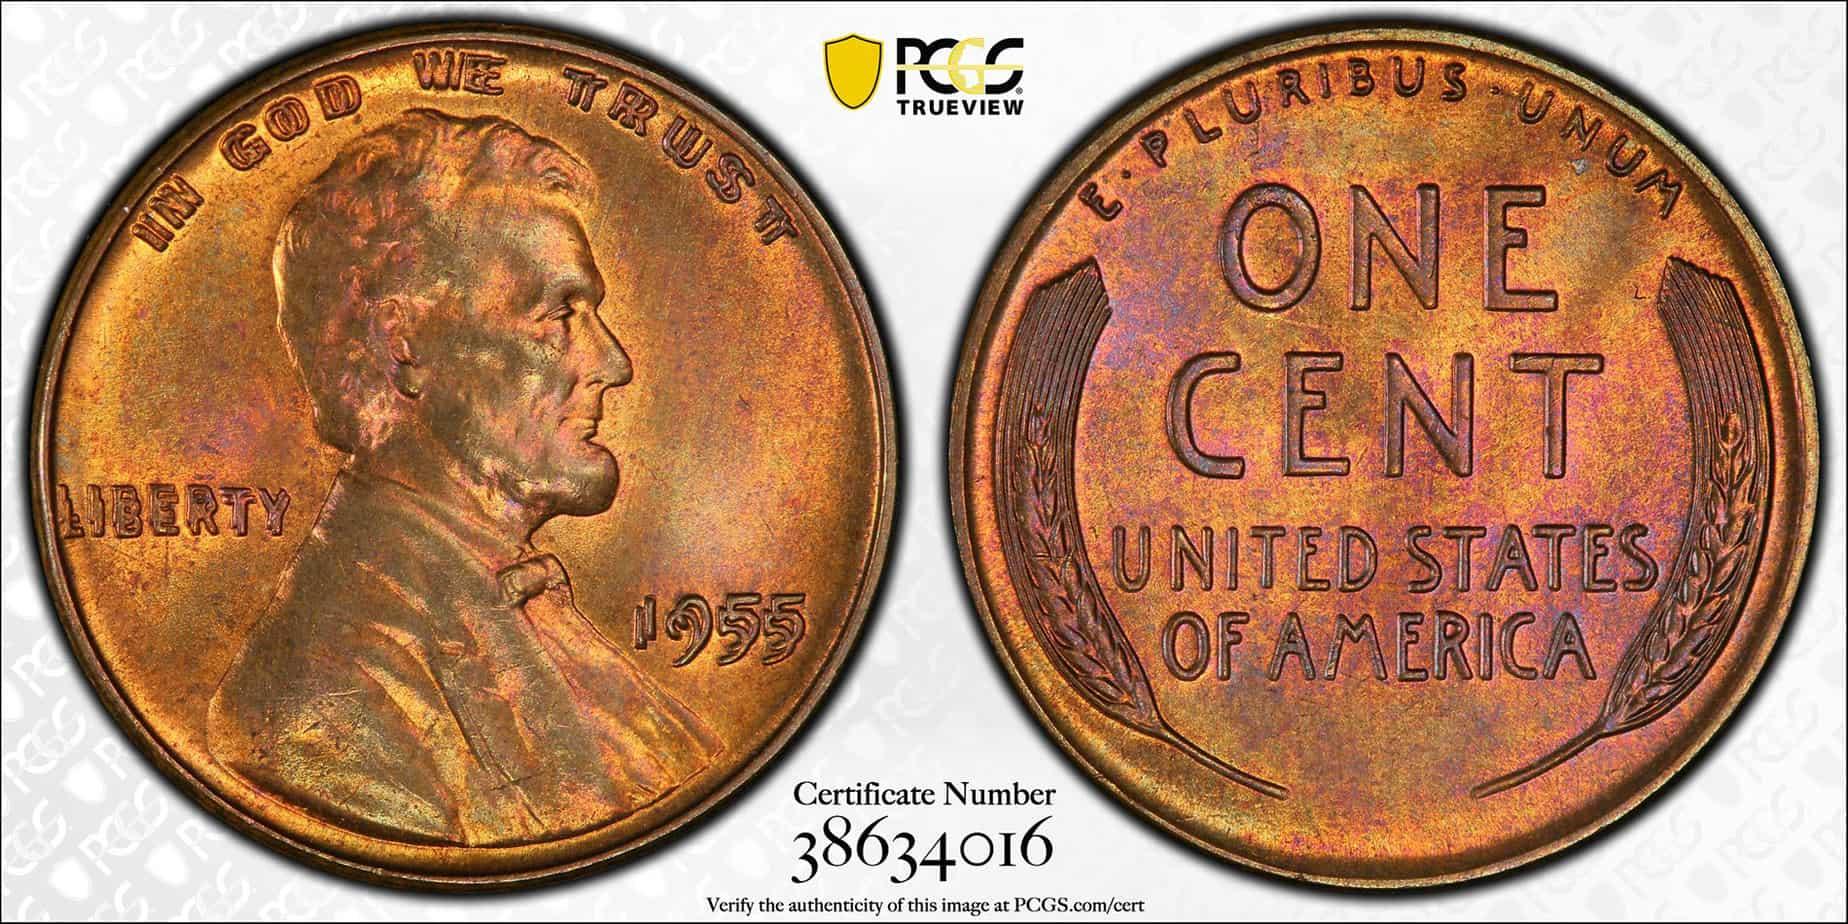 Variante - 1 centavo 1955 doble fecha en el anverso